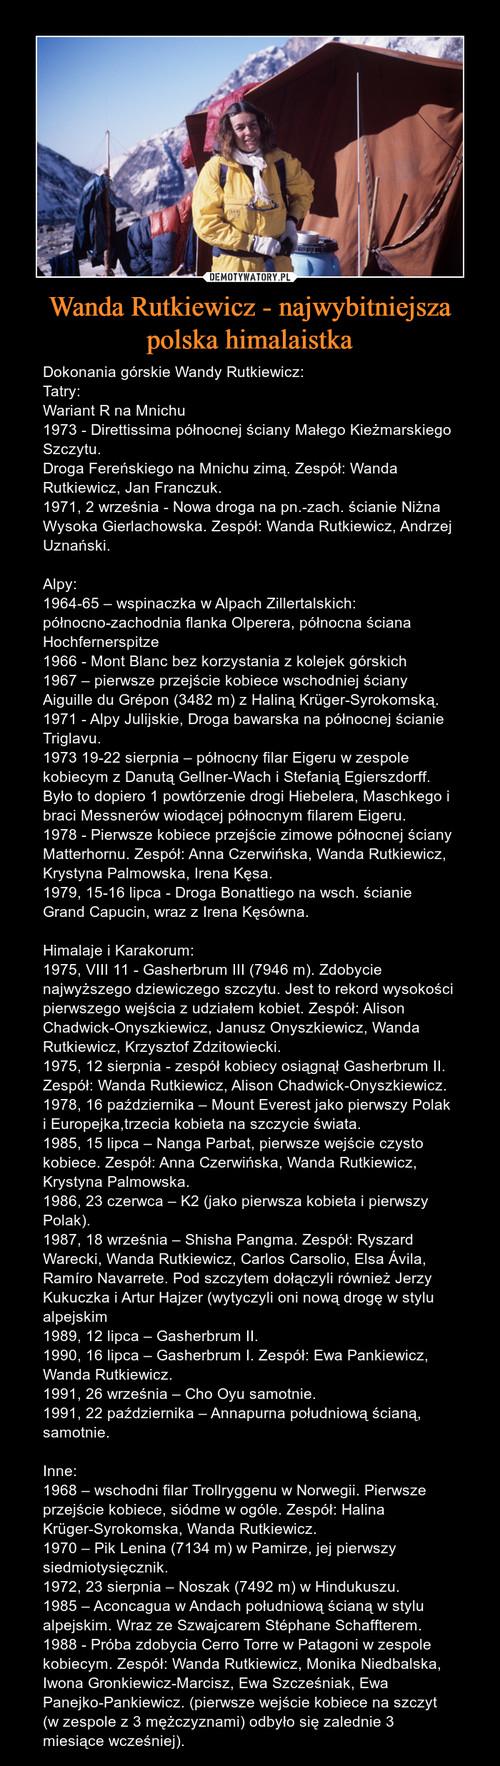 Wanda Rutkiewicz - najwybitniejsza polska himalaistka